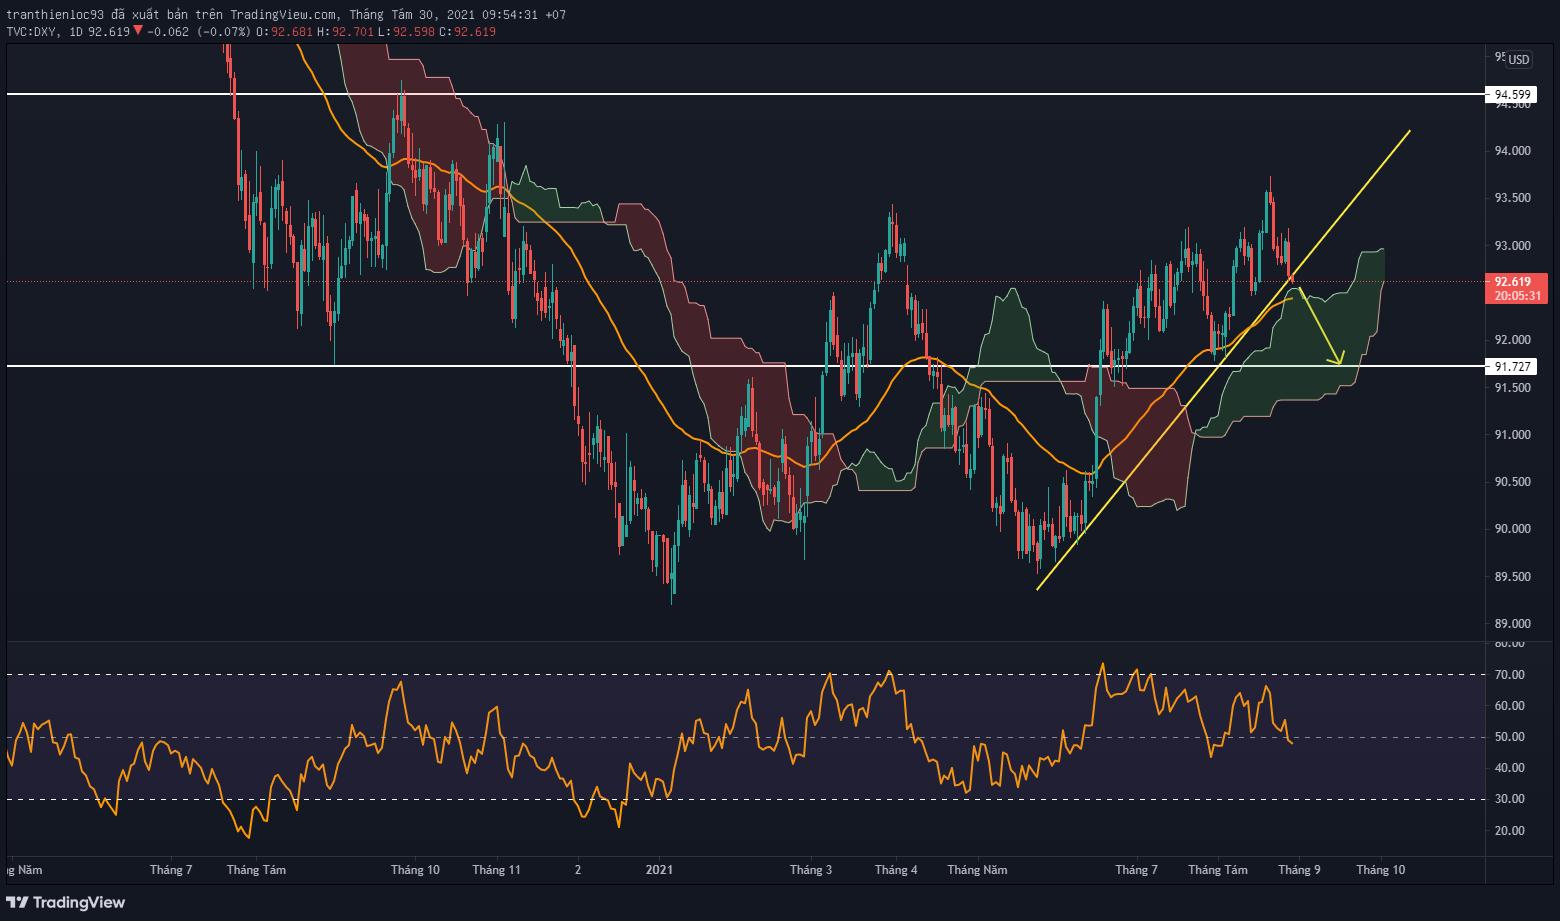 Biểu đồ DXY khung D1 có xu hướng phá vỡ trendline tăng giá